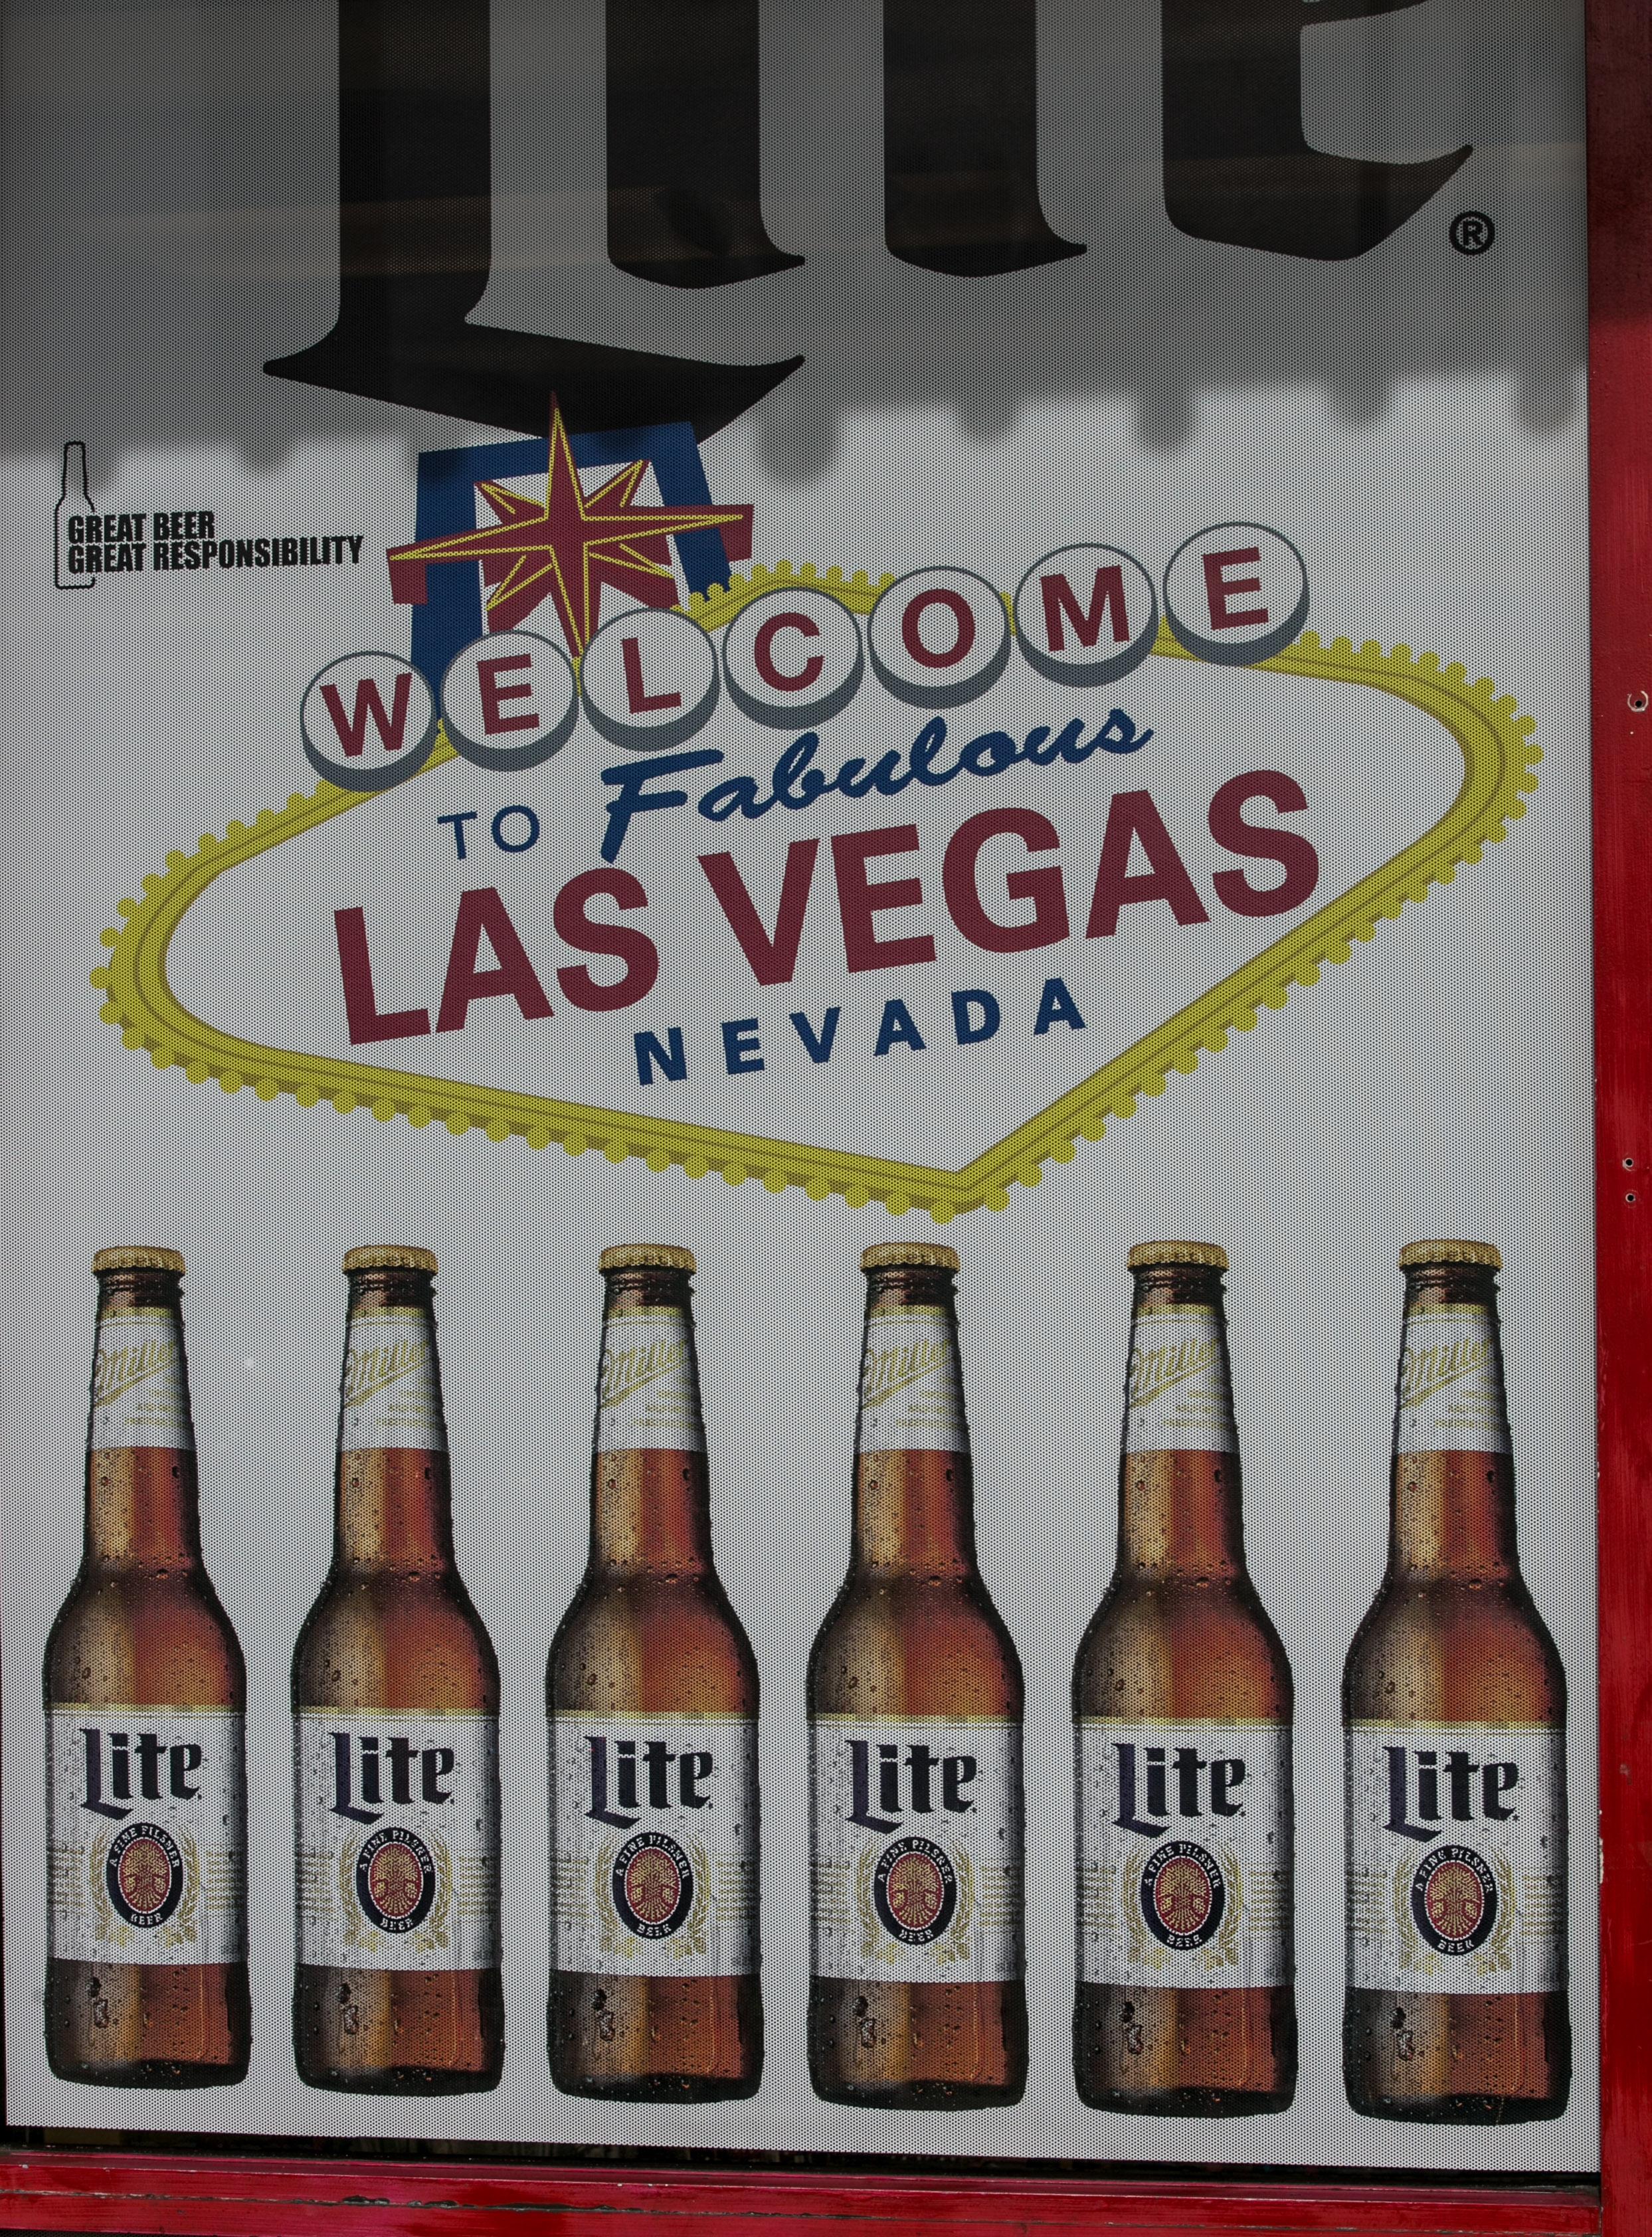 Tourism & Conventions Drive Las Vegas Economy